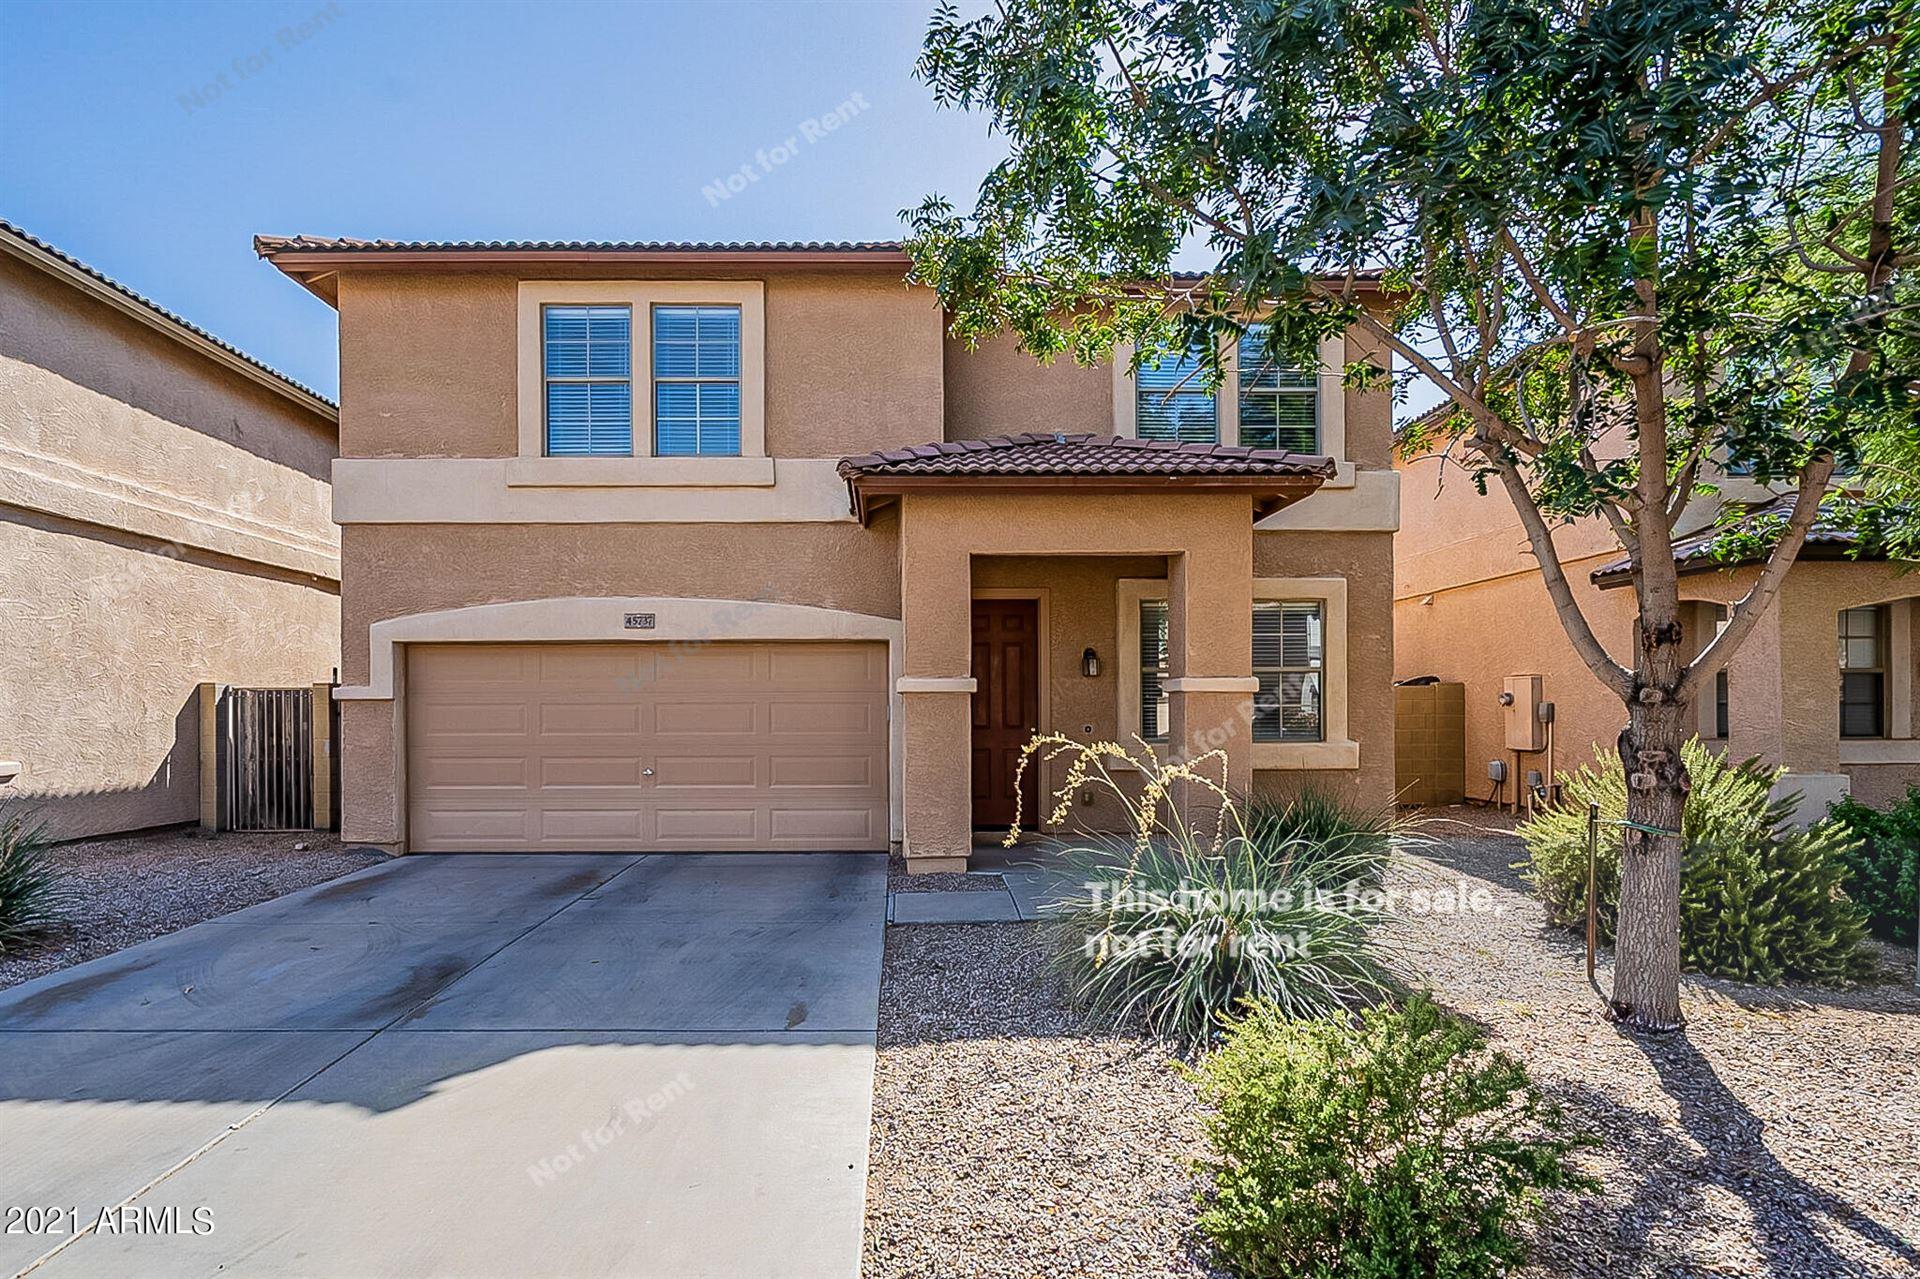 Photo of 45737 W TUCKER Road, Maricopa, AZ 85139 (MLS # 6306593)